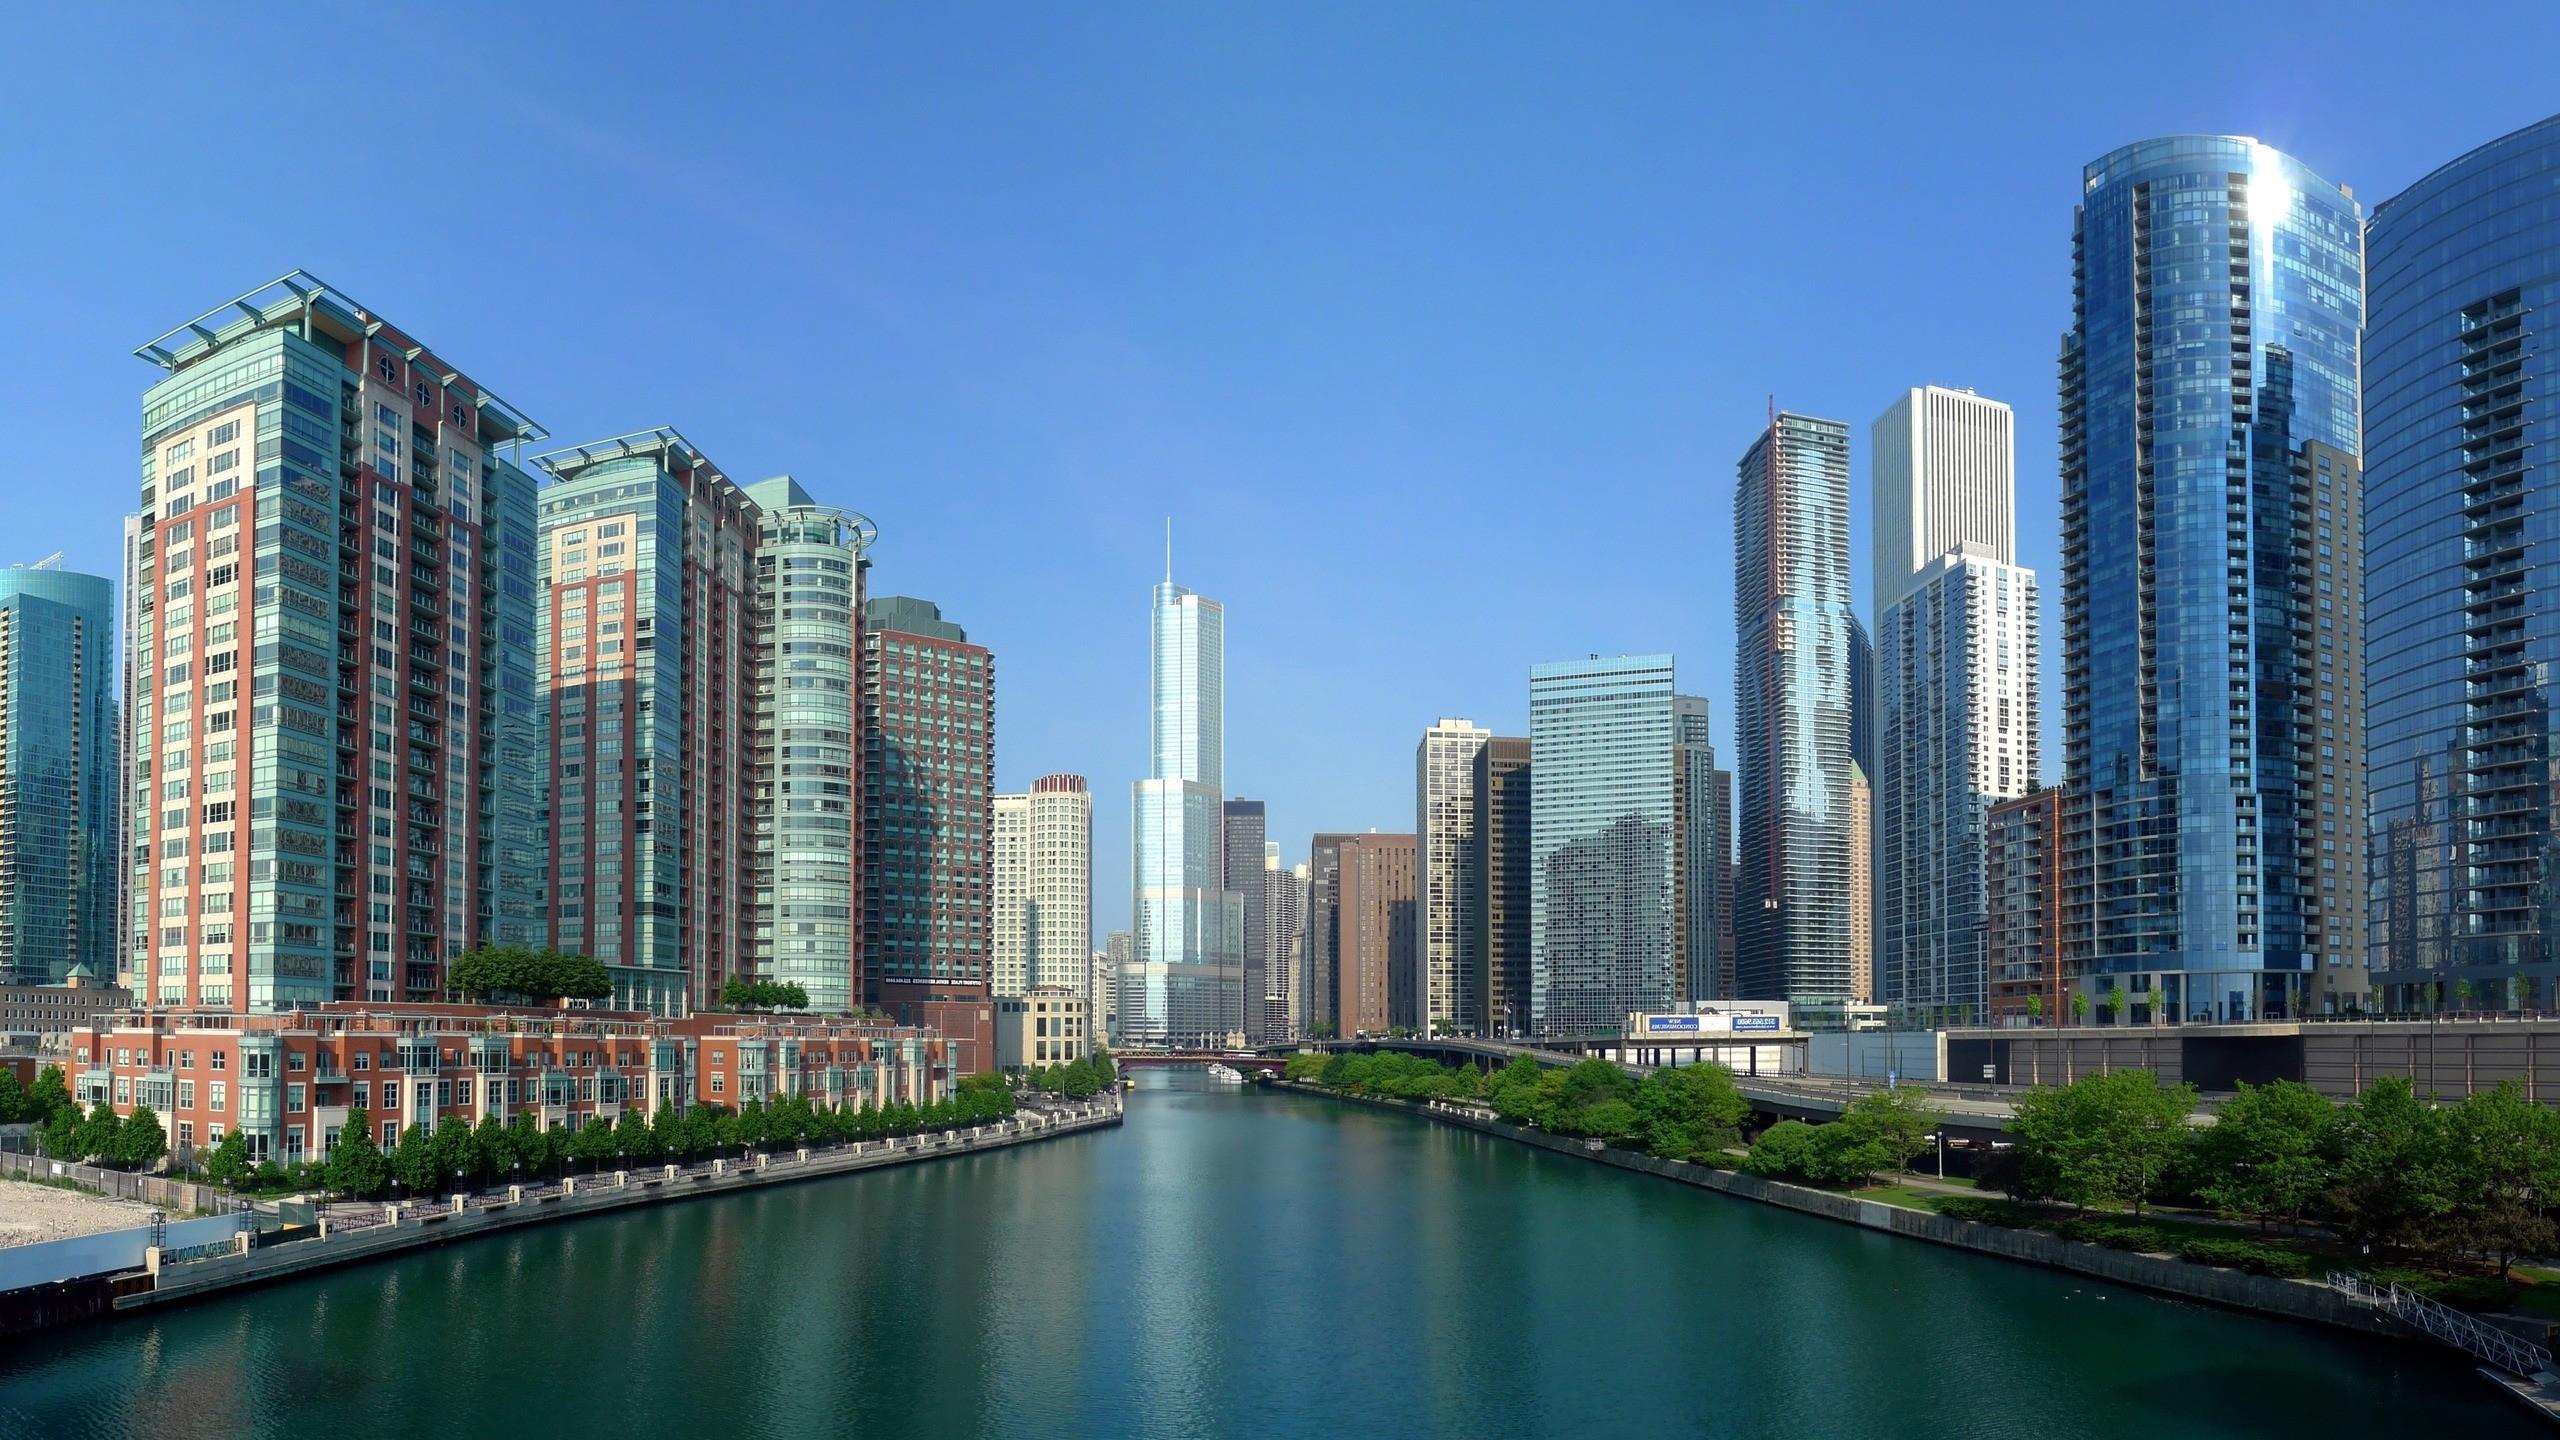 города с небоскребами фото присутствует